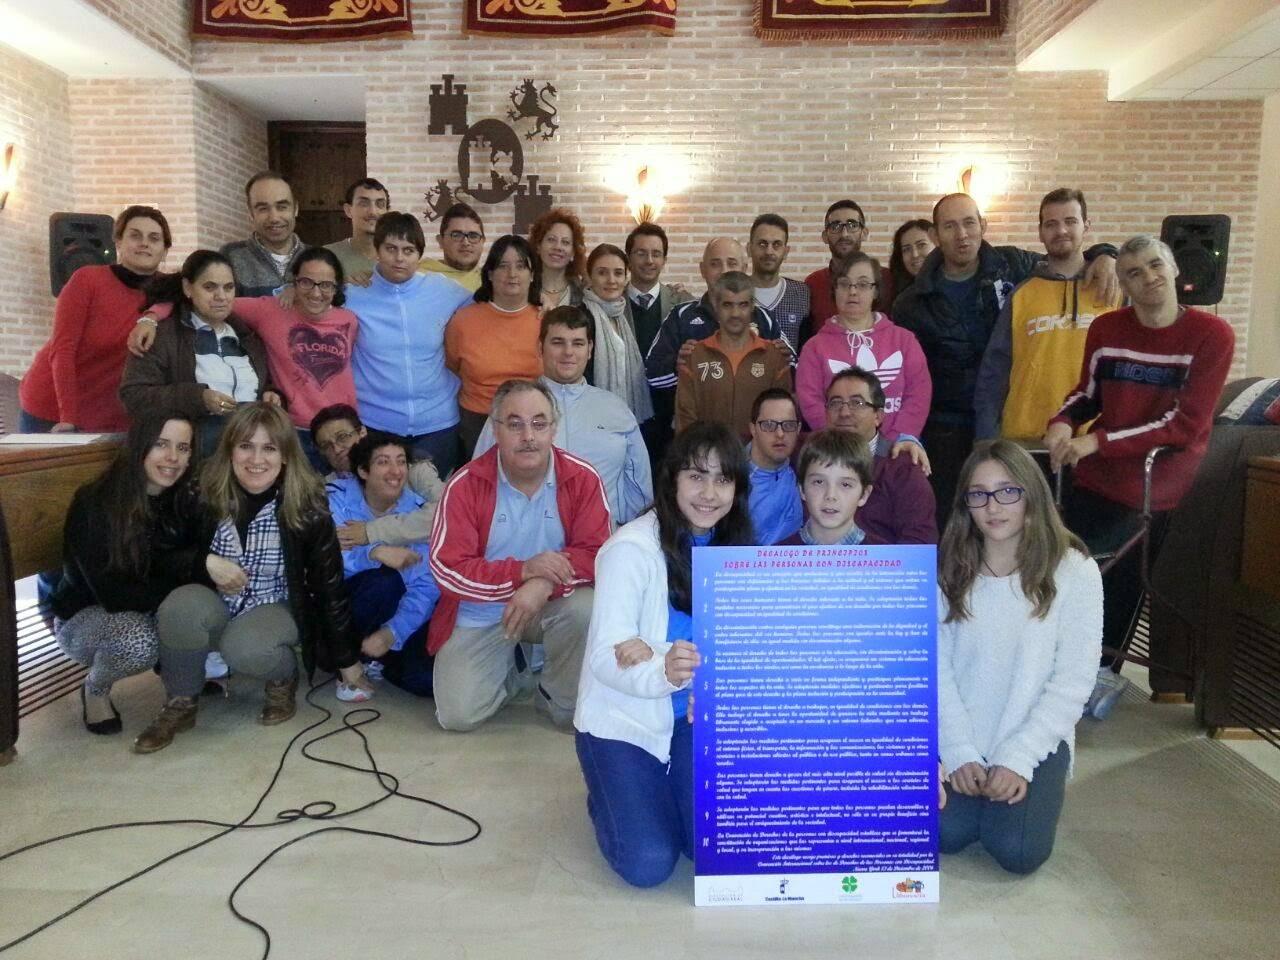 Alumnos del CEIP Carrasco Alcalde junto a usuarios del Centro Ocupacional El Picazuelo - El Ayuntamiento de Herencia y Laborvalía reconocen la labor del CEIP Carrasco Alcalde para la integración de los discapacitados